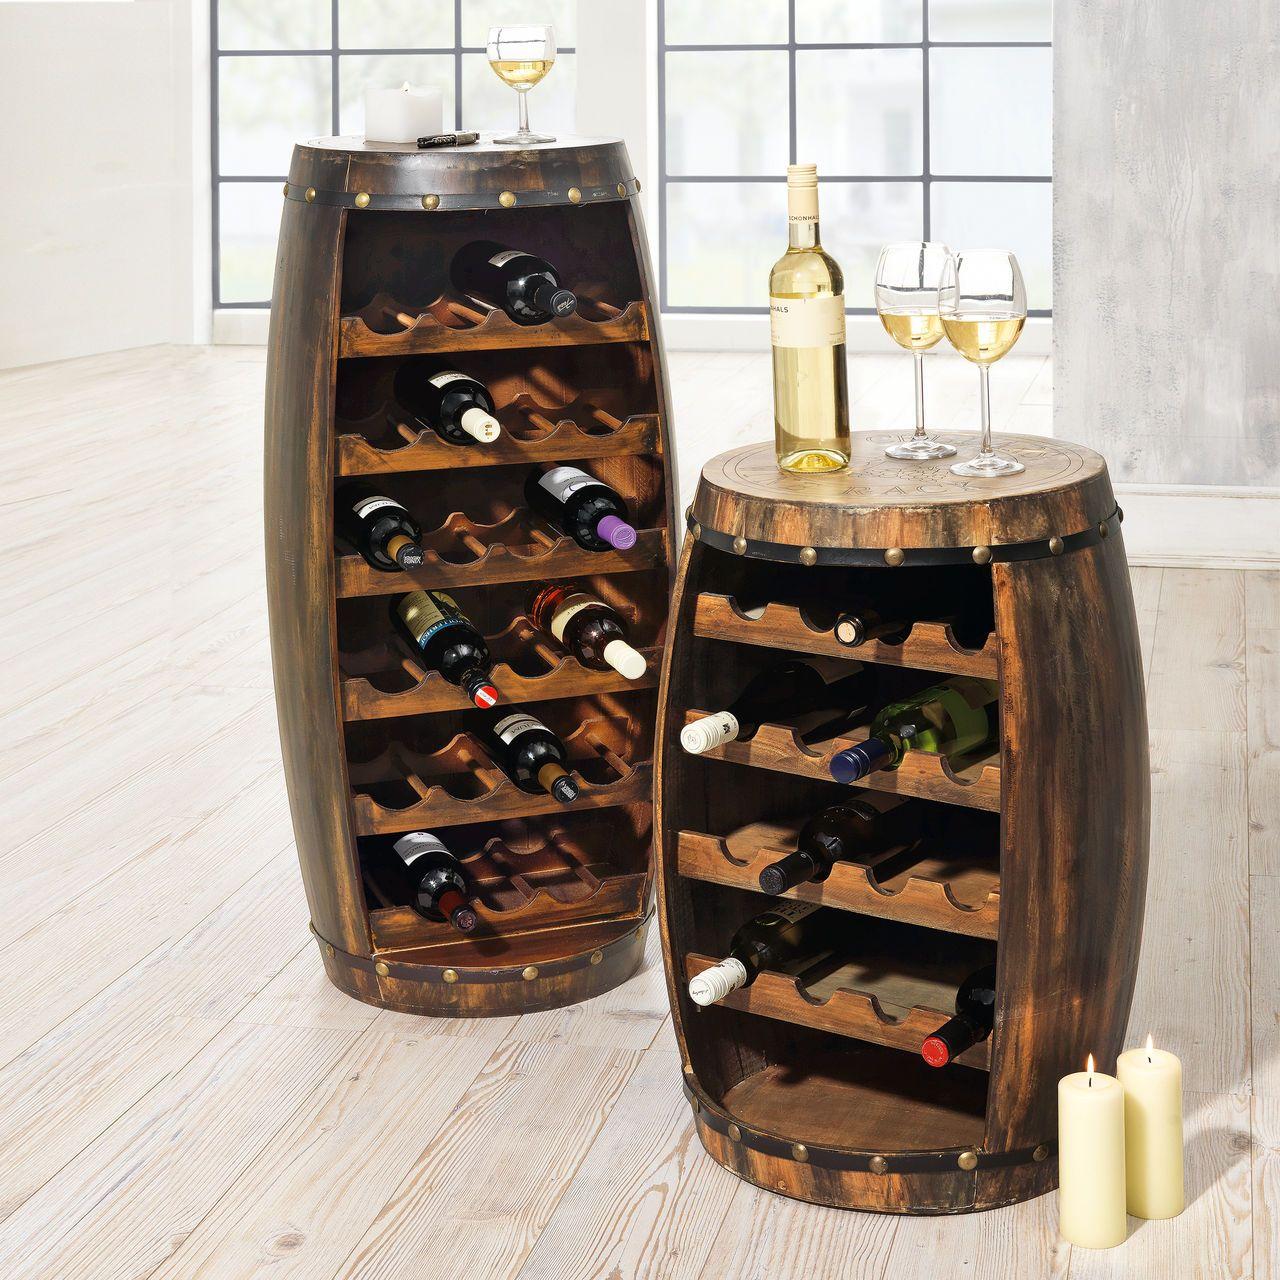 das flaschenregal weinfass bietet ihnen eine besonders ausgefallene form der weinpr sentation. Black Bedroom Furniture Sets. Home Design Ideas